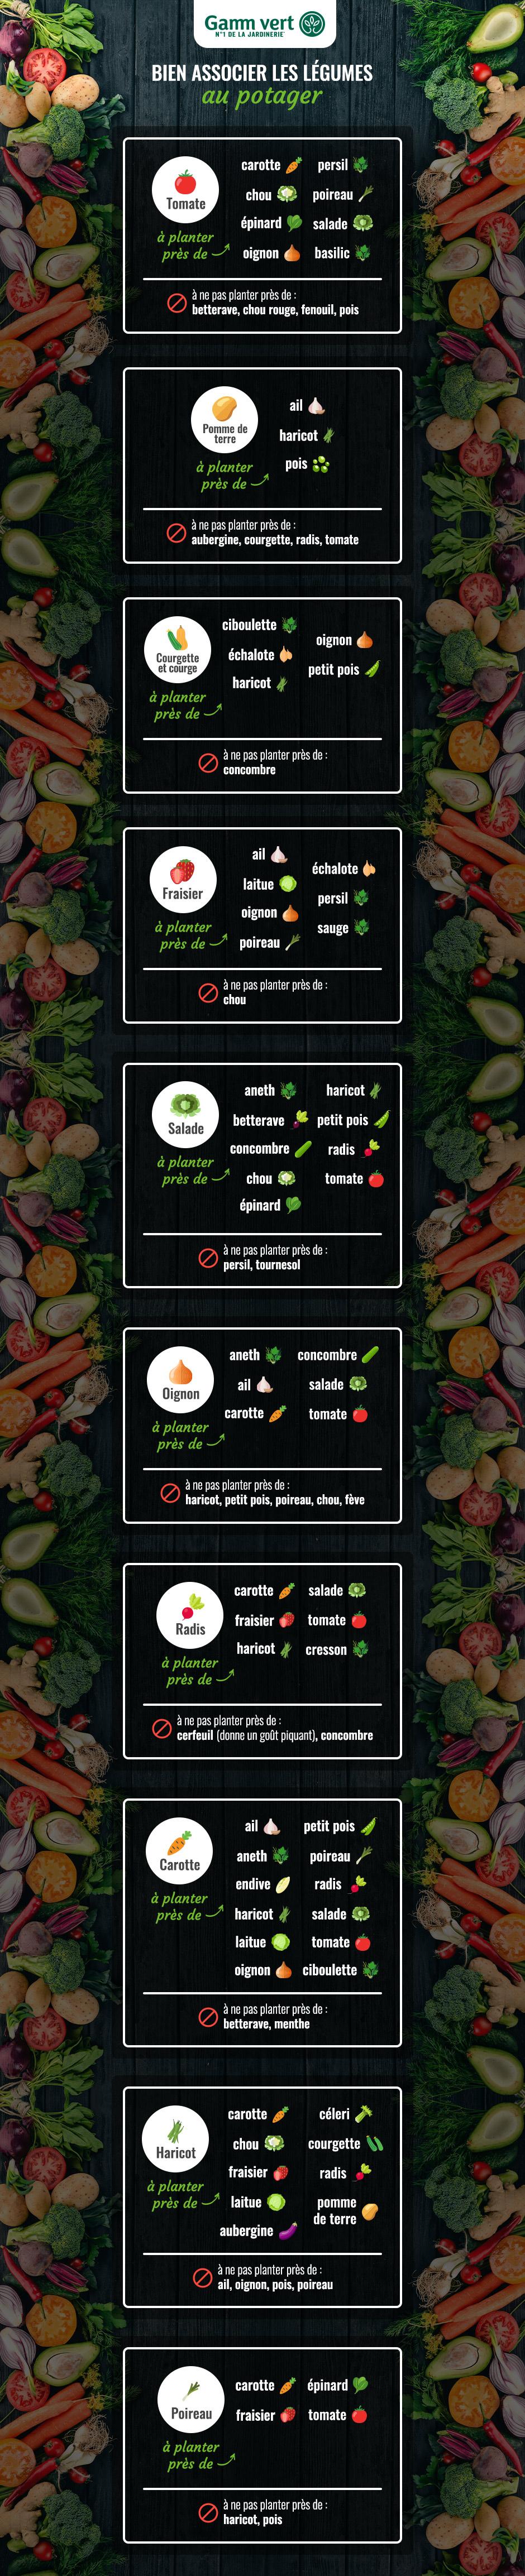 Legumes A Mettre Dans Le Jardin bien associer les légumes au potager | gamm vert